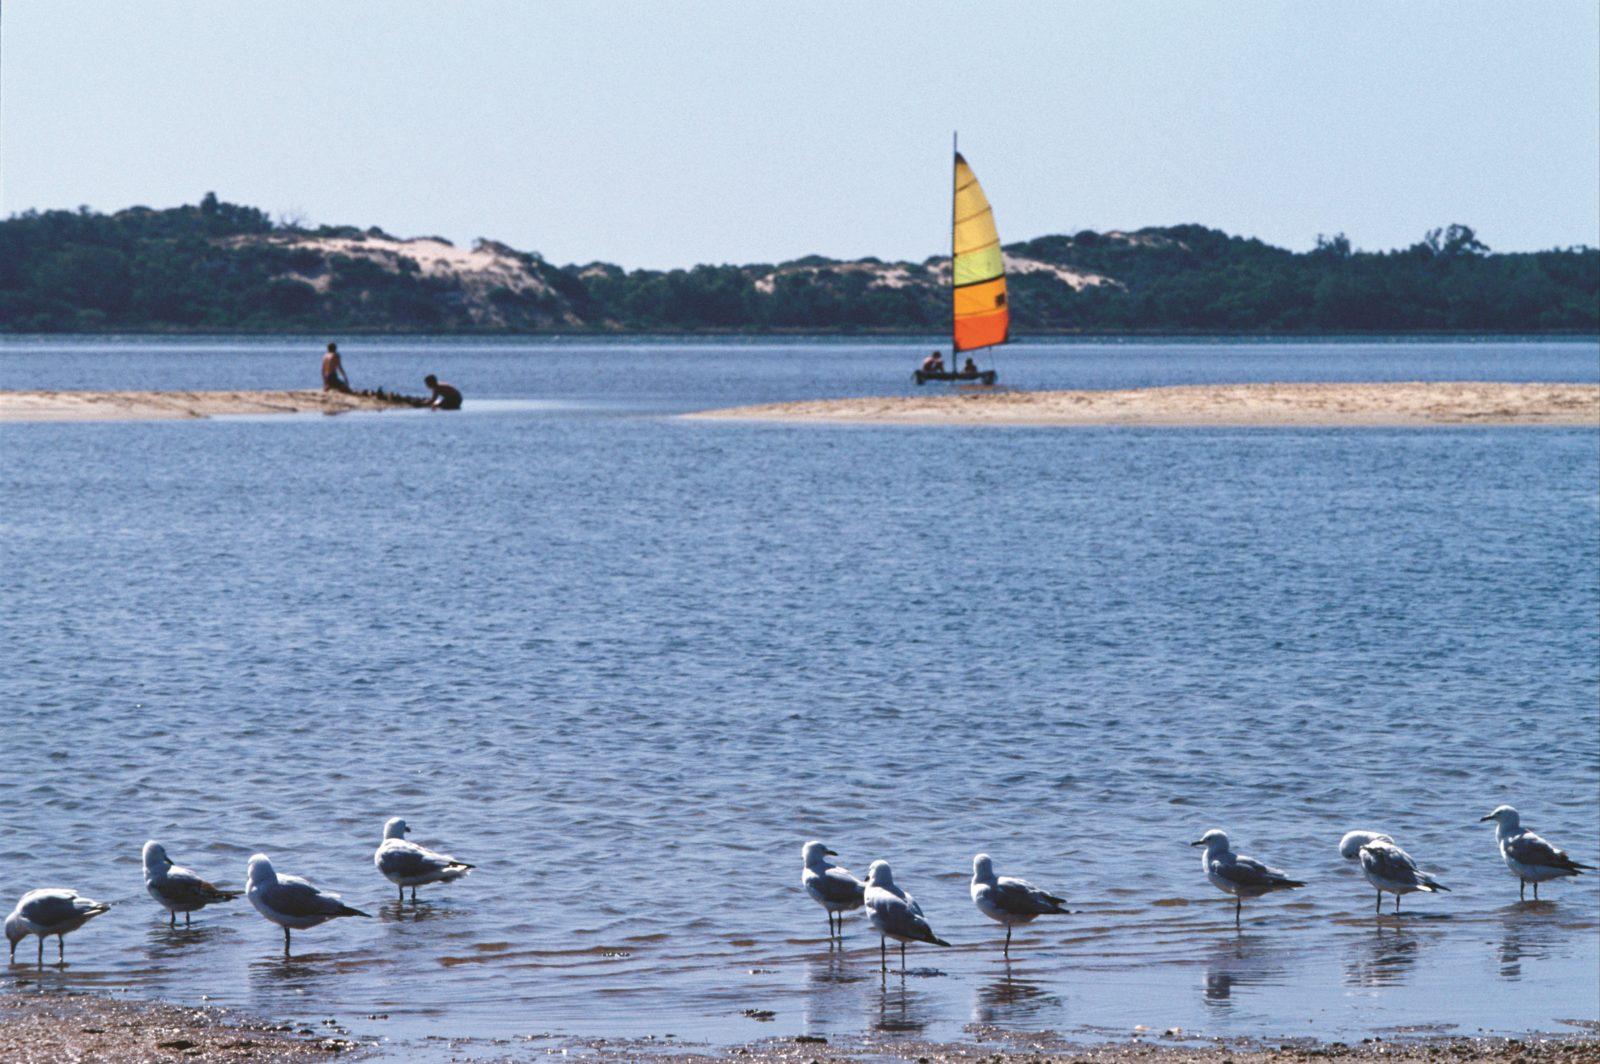 Australind, Western Australia